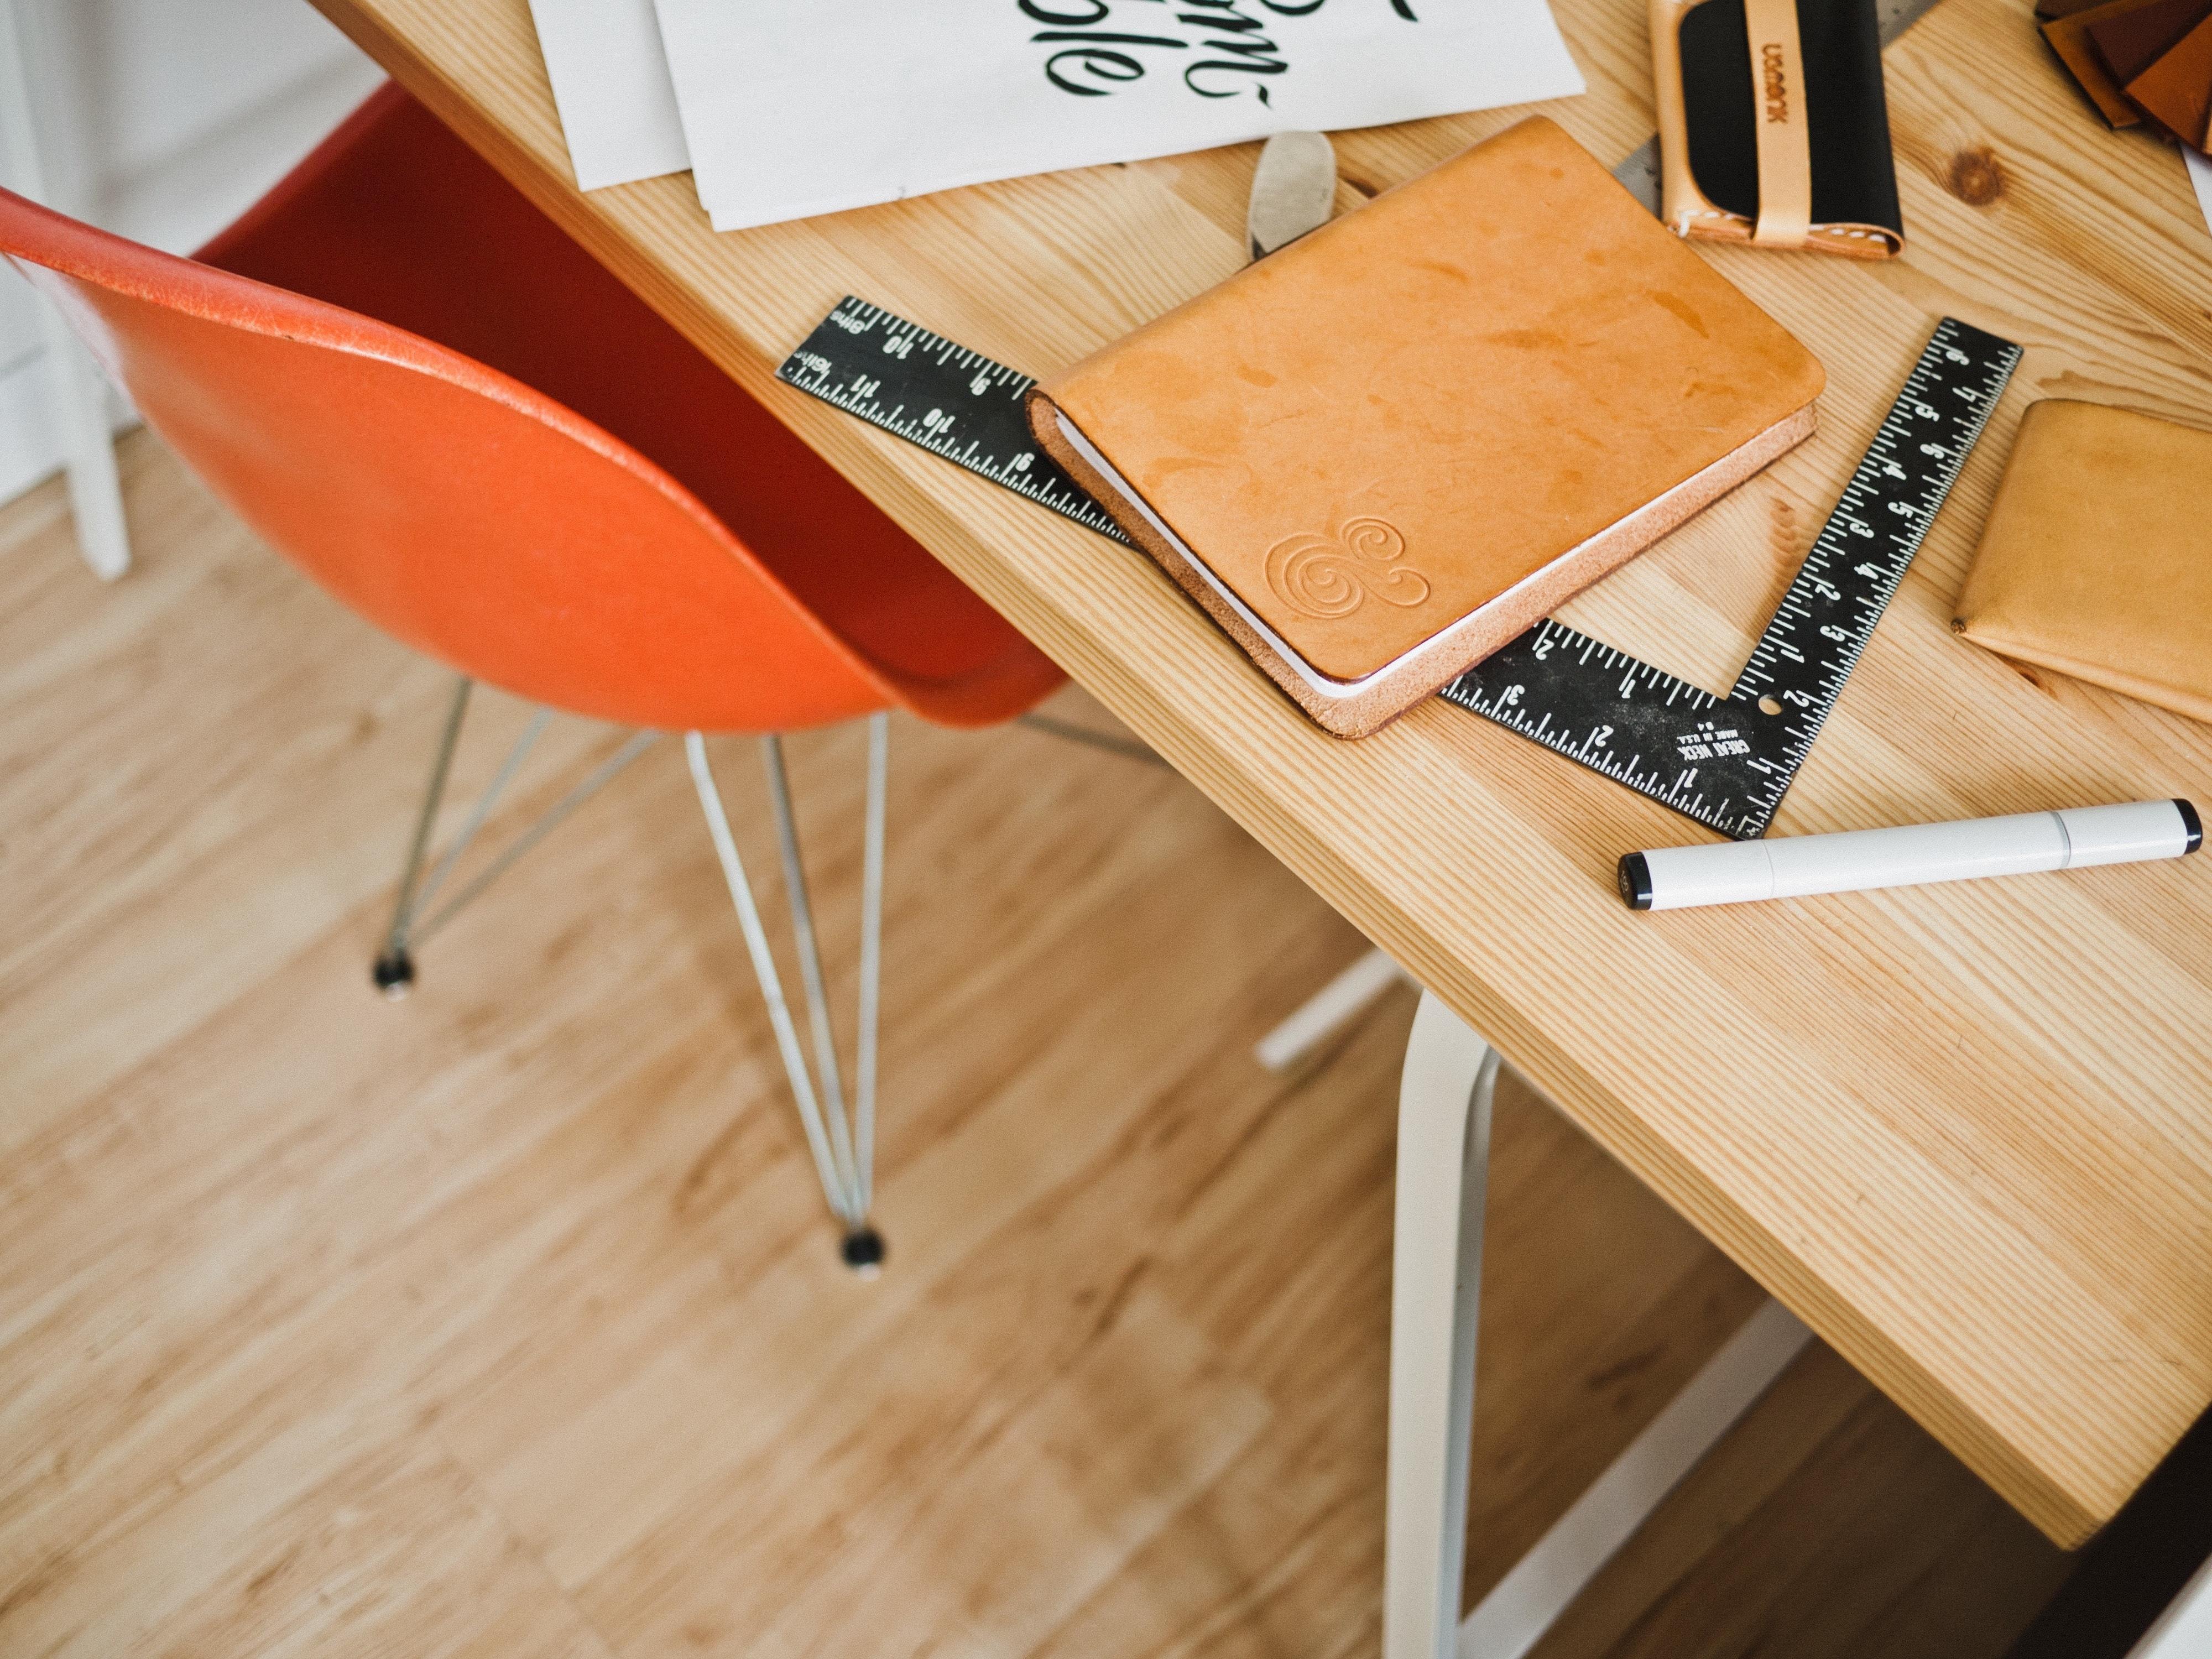 orange office chair under wooden desk